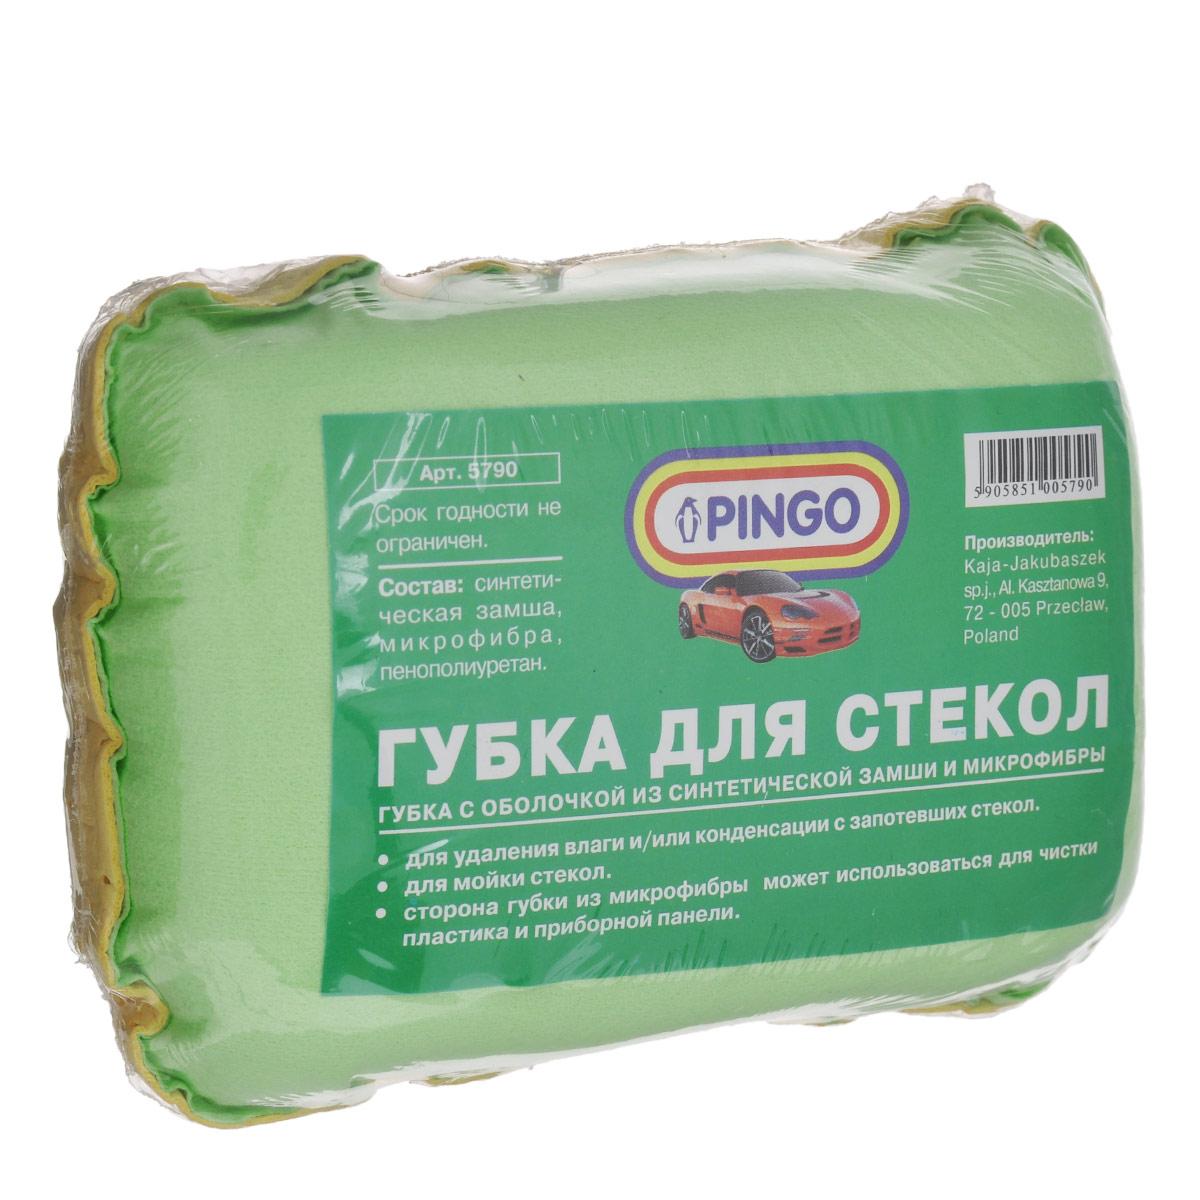 Губка для стекол Pingo, цвет: зеленый, желтый1004900000360Губка для стекол Pingo изготовлена из пенополиуретана с оболочкой из синтетической замши и микрофибры. Губка предназначена для удаления влаги или конденсации с запотевших стекол, для мойки стекол. Сторона губки из микрофибры может использоваться для чистки пластика и приборной панели.